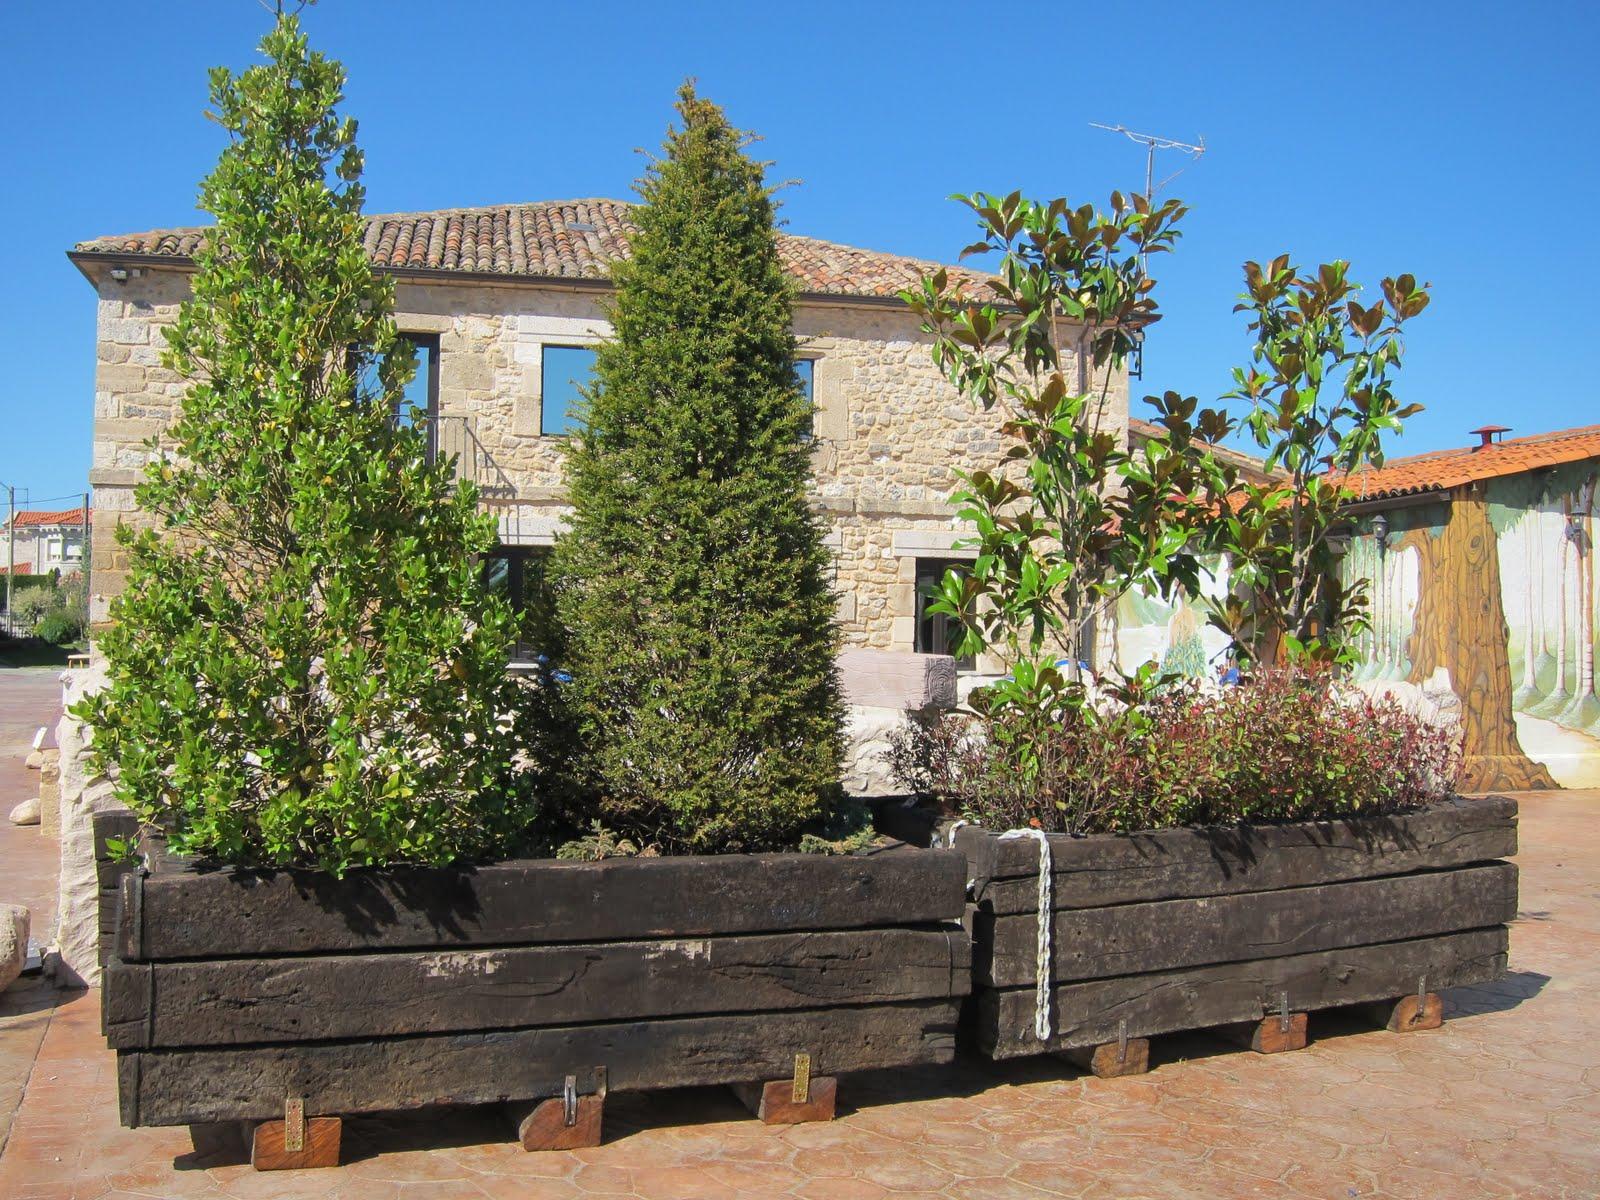 Madera para exterior jardineras con traviesas for Jardineras de madera para exterior